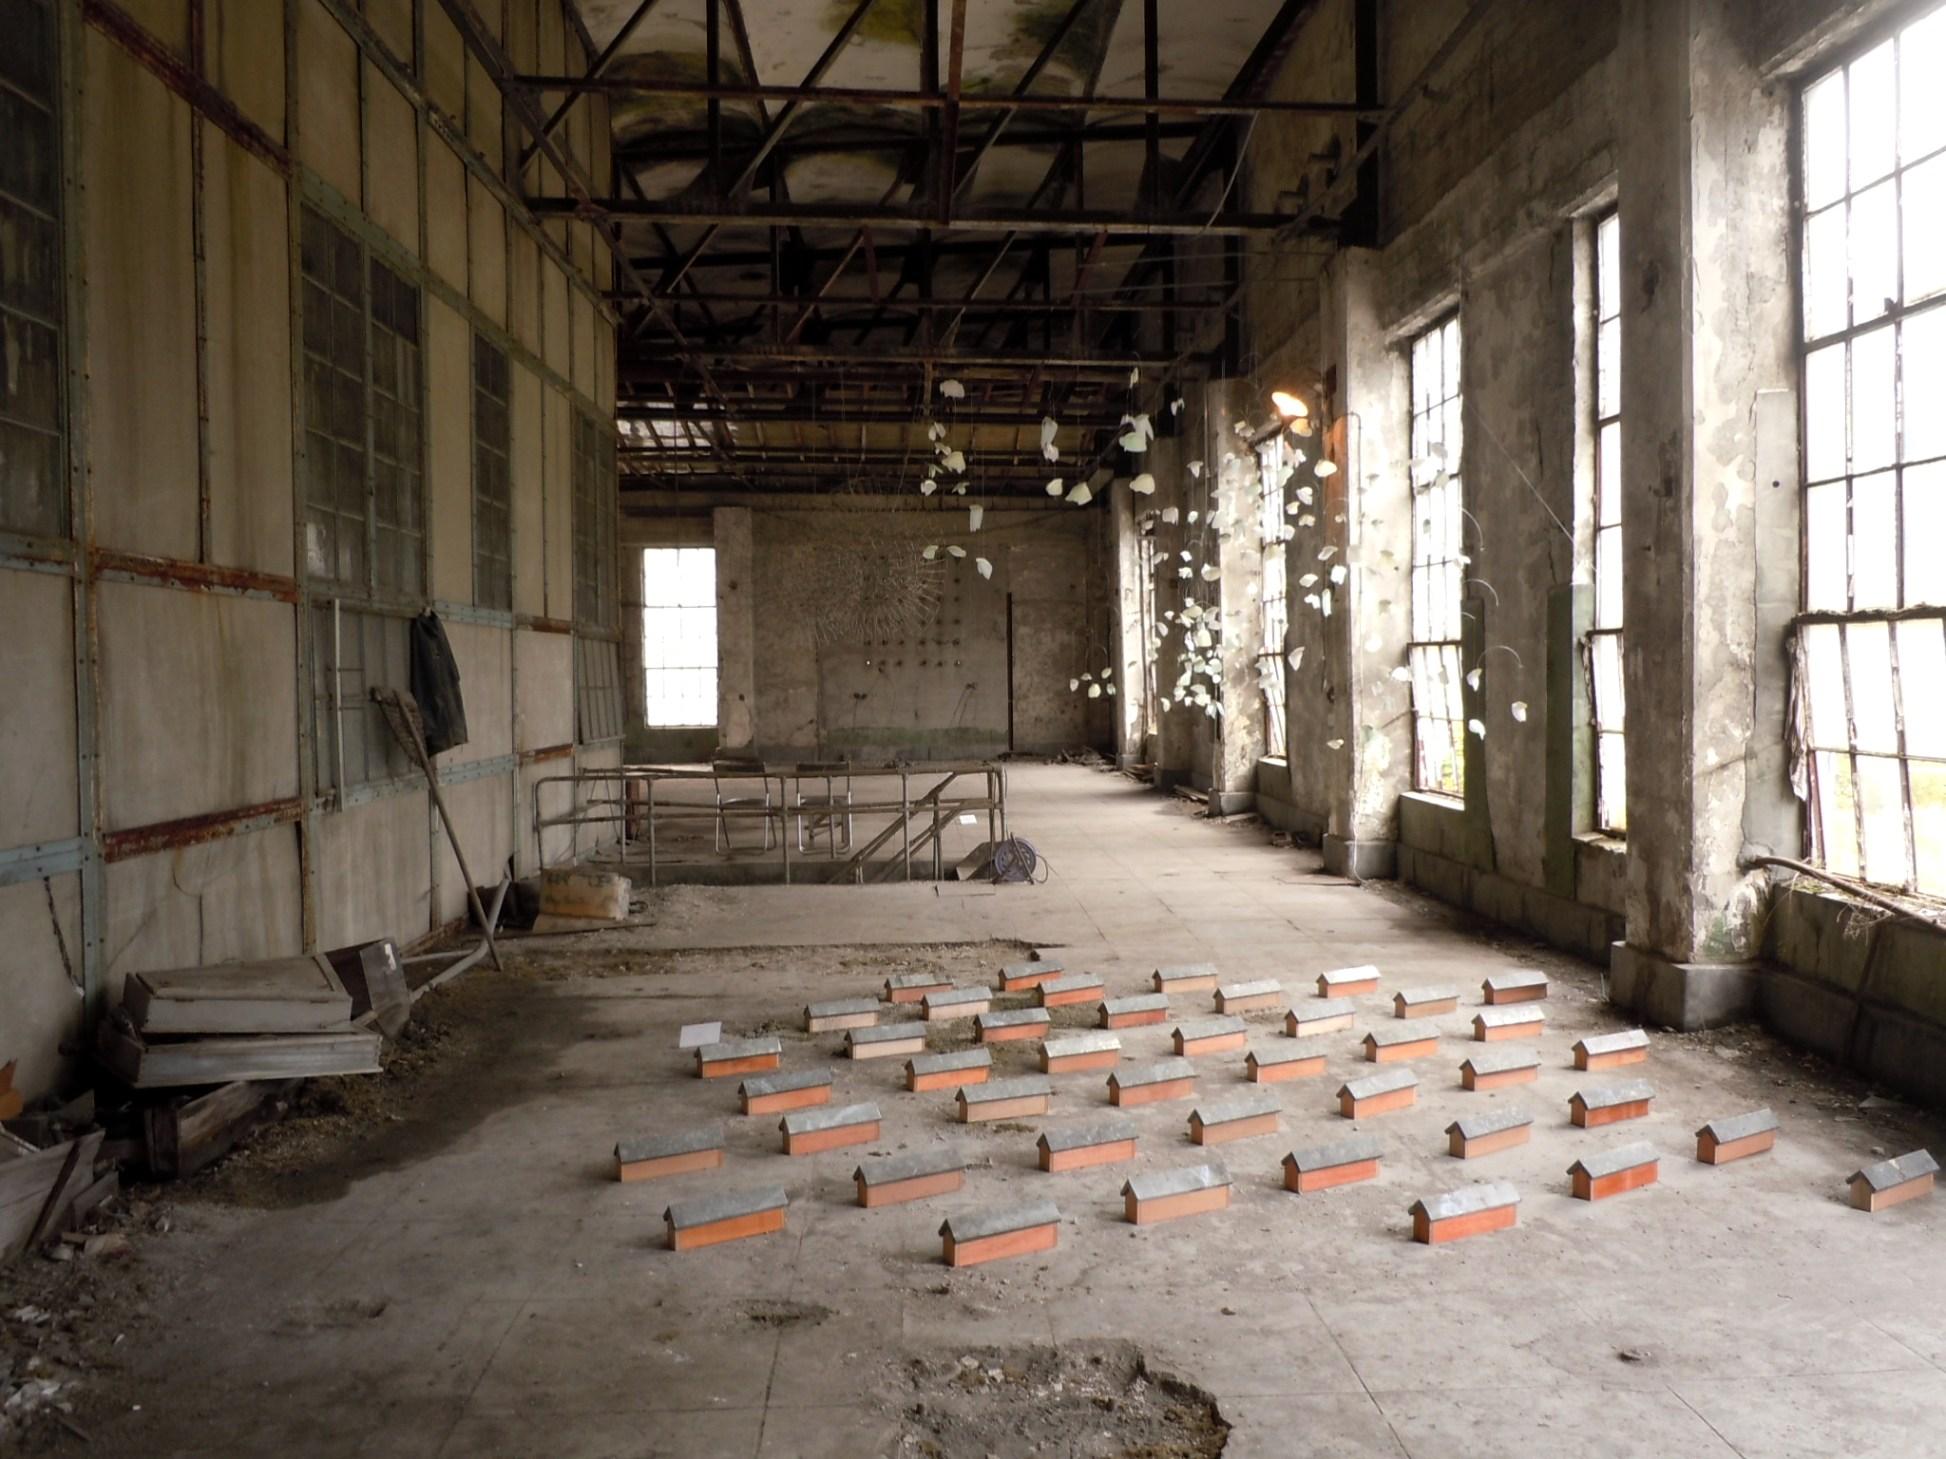 1600)夕張 ③「夕張清水沢アートプロジェクト 旧火力発電所2階の様子」 終了9月17日(土)~10月16日(日)_f0126829_21354873.jpg